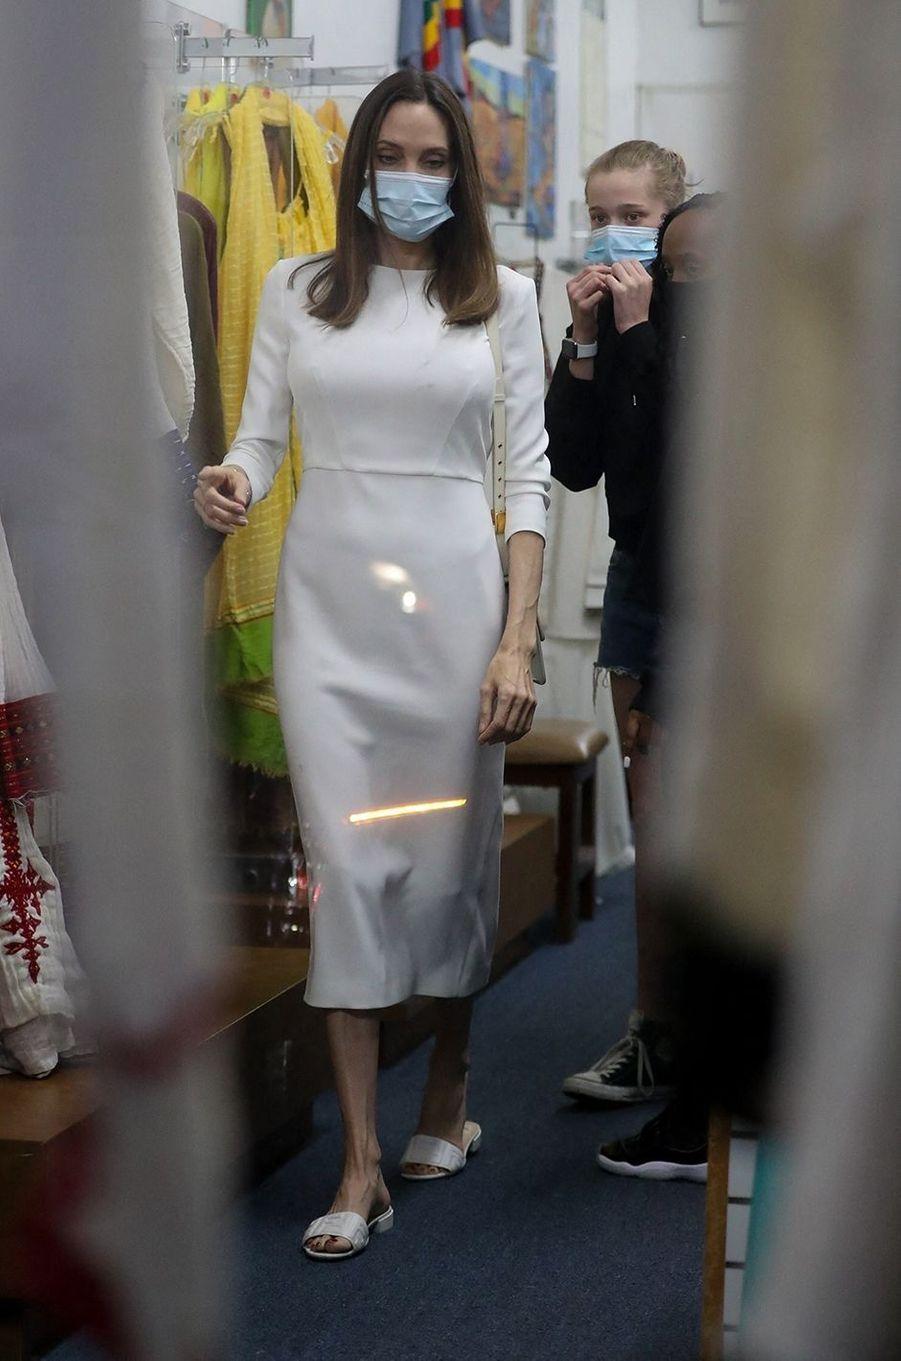 Angelina Jolie en shopping avec ses filles Zahara et Shiloh dans une boutique de Los Angeles le 8 janvier 2021